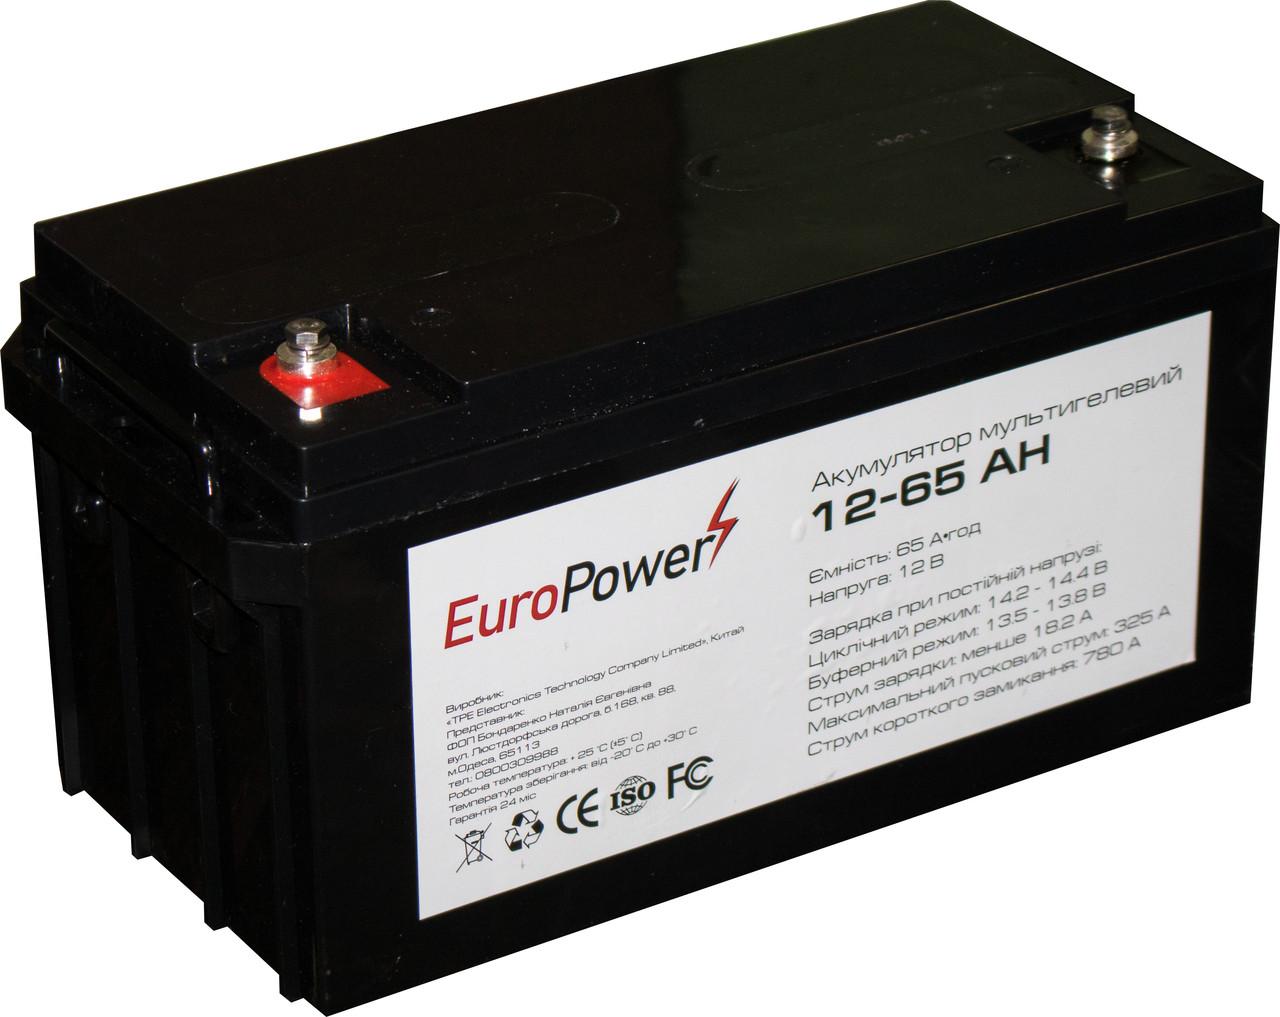 Аккумулятор AGM - 65 Ач, 12В мультигелевый EuroPower 12-65 AH